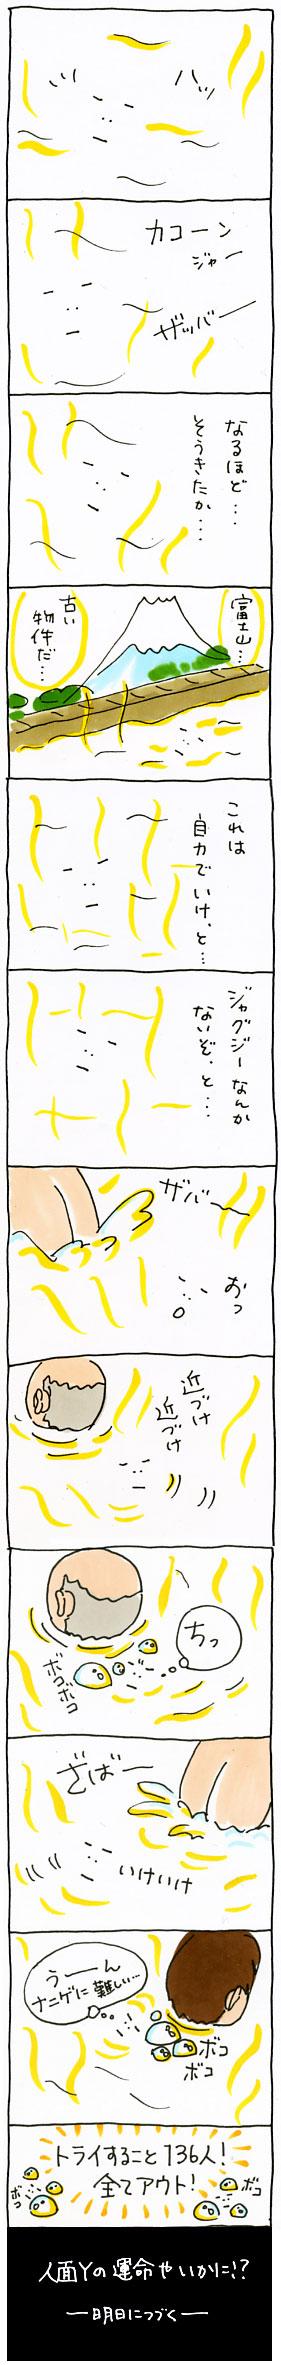 人面銭湯01